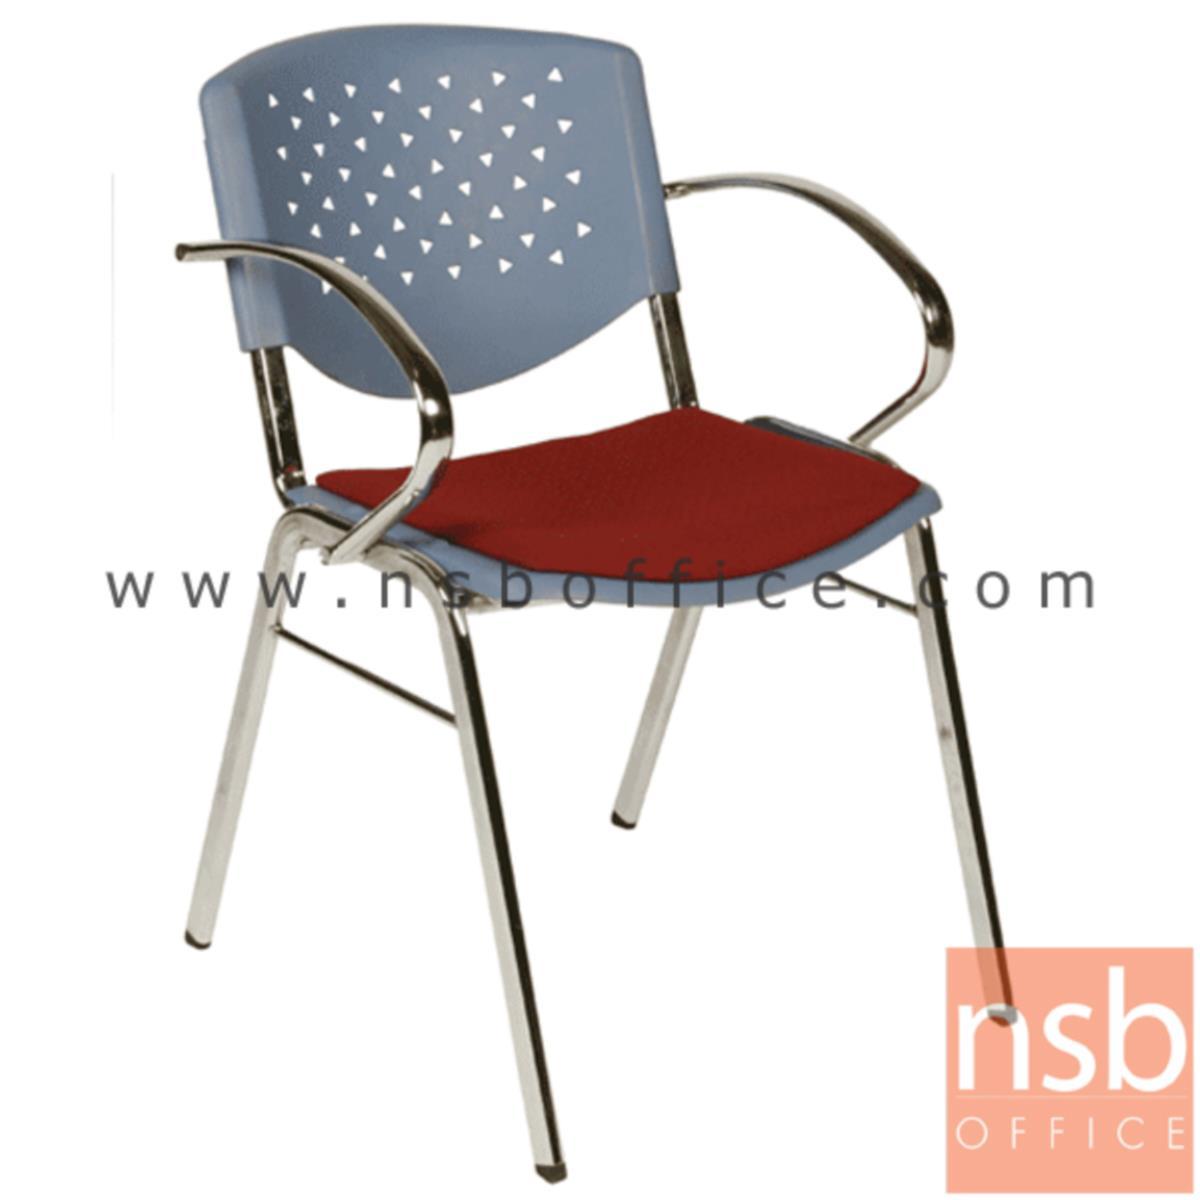 เก้าอี้อเนกประสงค์เฟรมโพลี่ รุ่น A136-526  ขาเหล็กชุบโครเมี่ยม